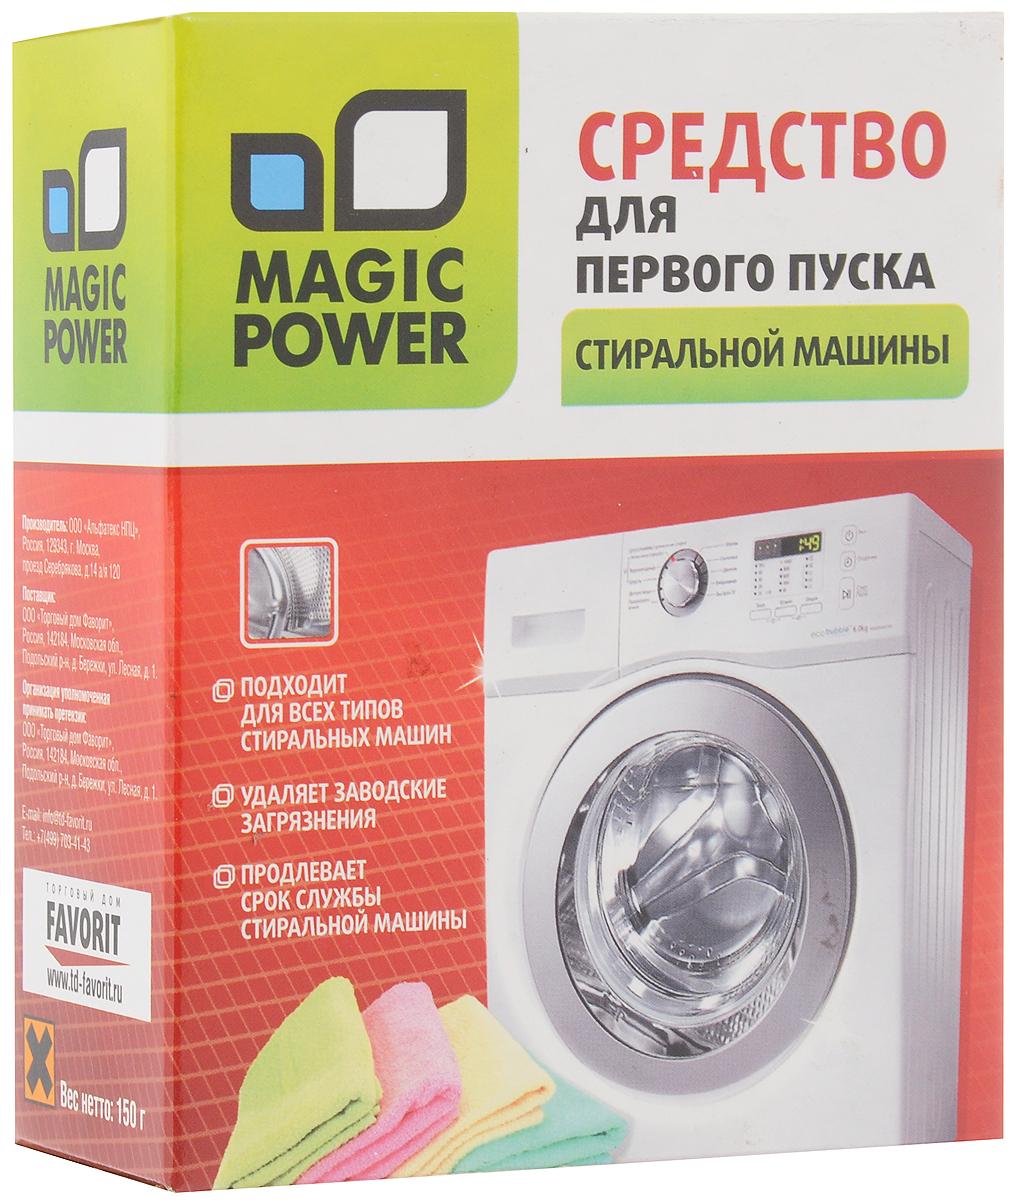 Средство для первого пуска стиральной машины Magic Power, 150 г аксессуар средство для первого запуска стиральной машины topperr 3217